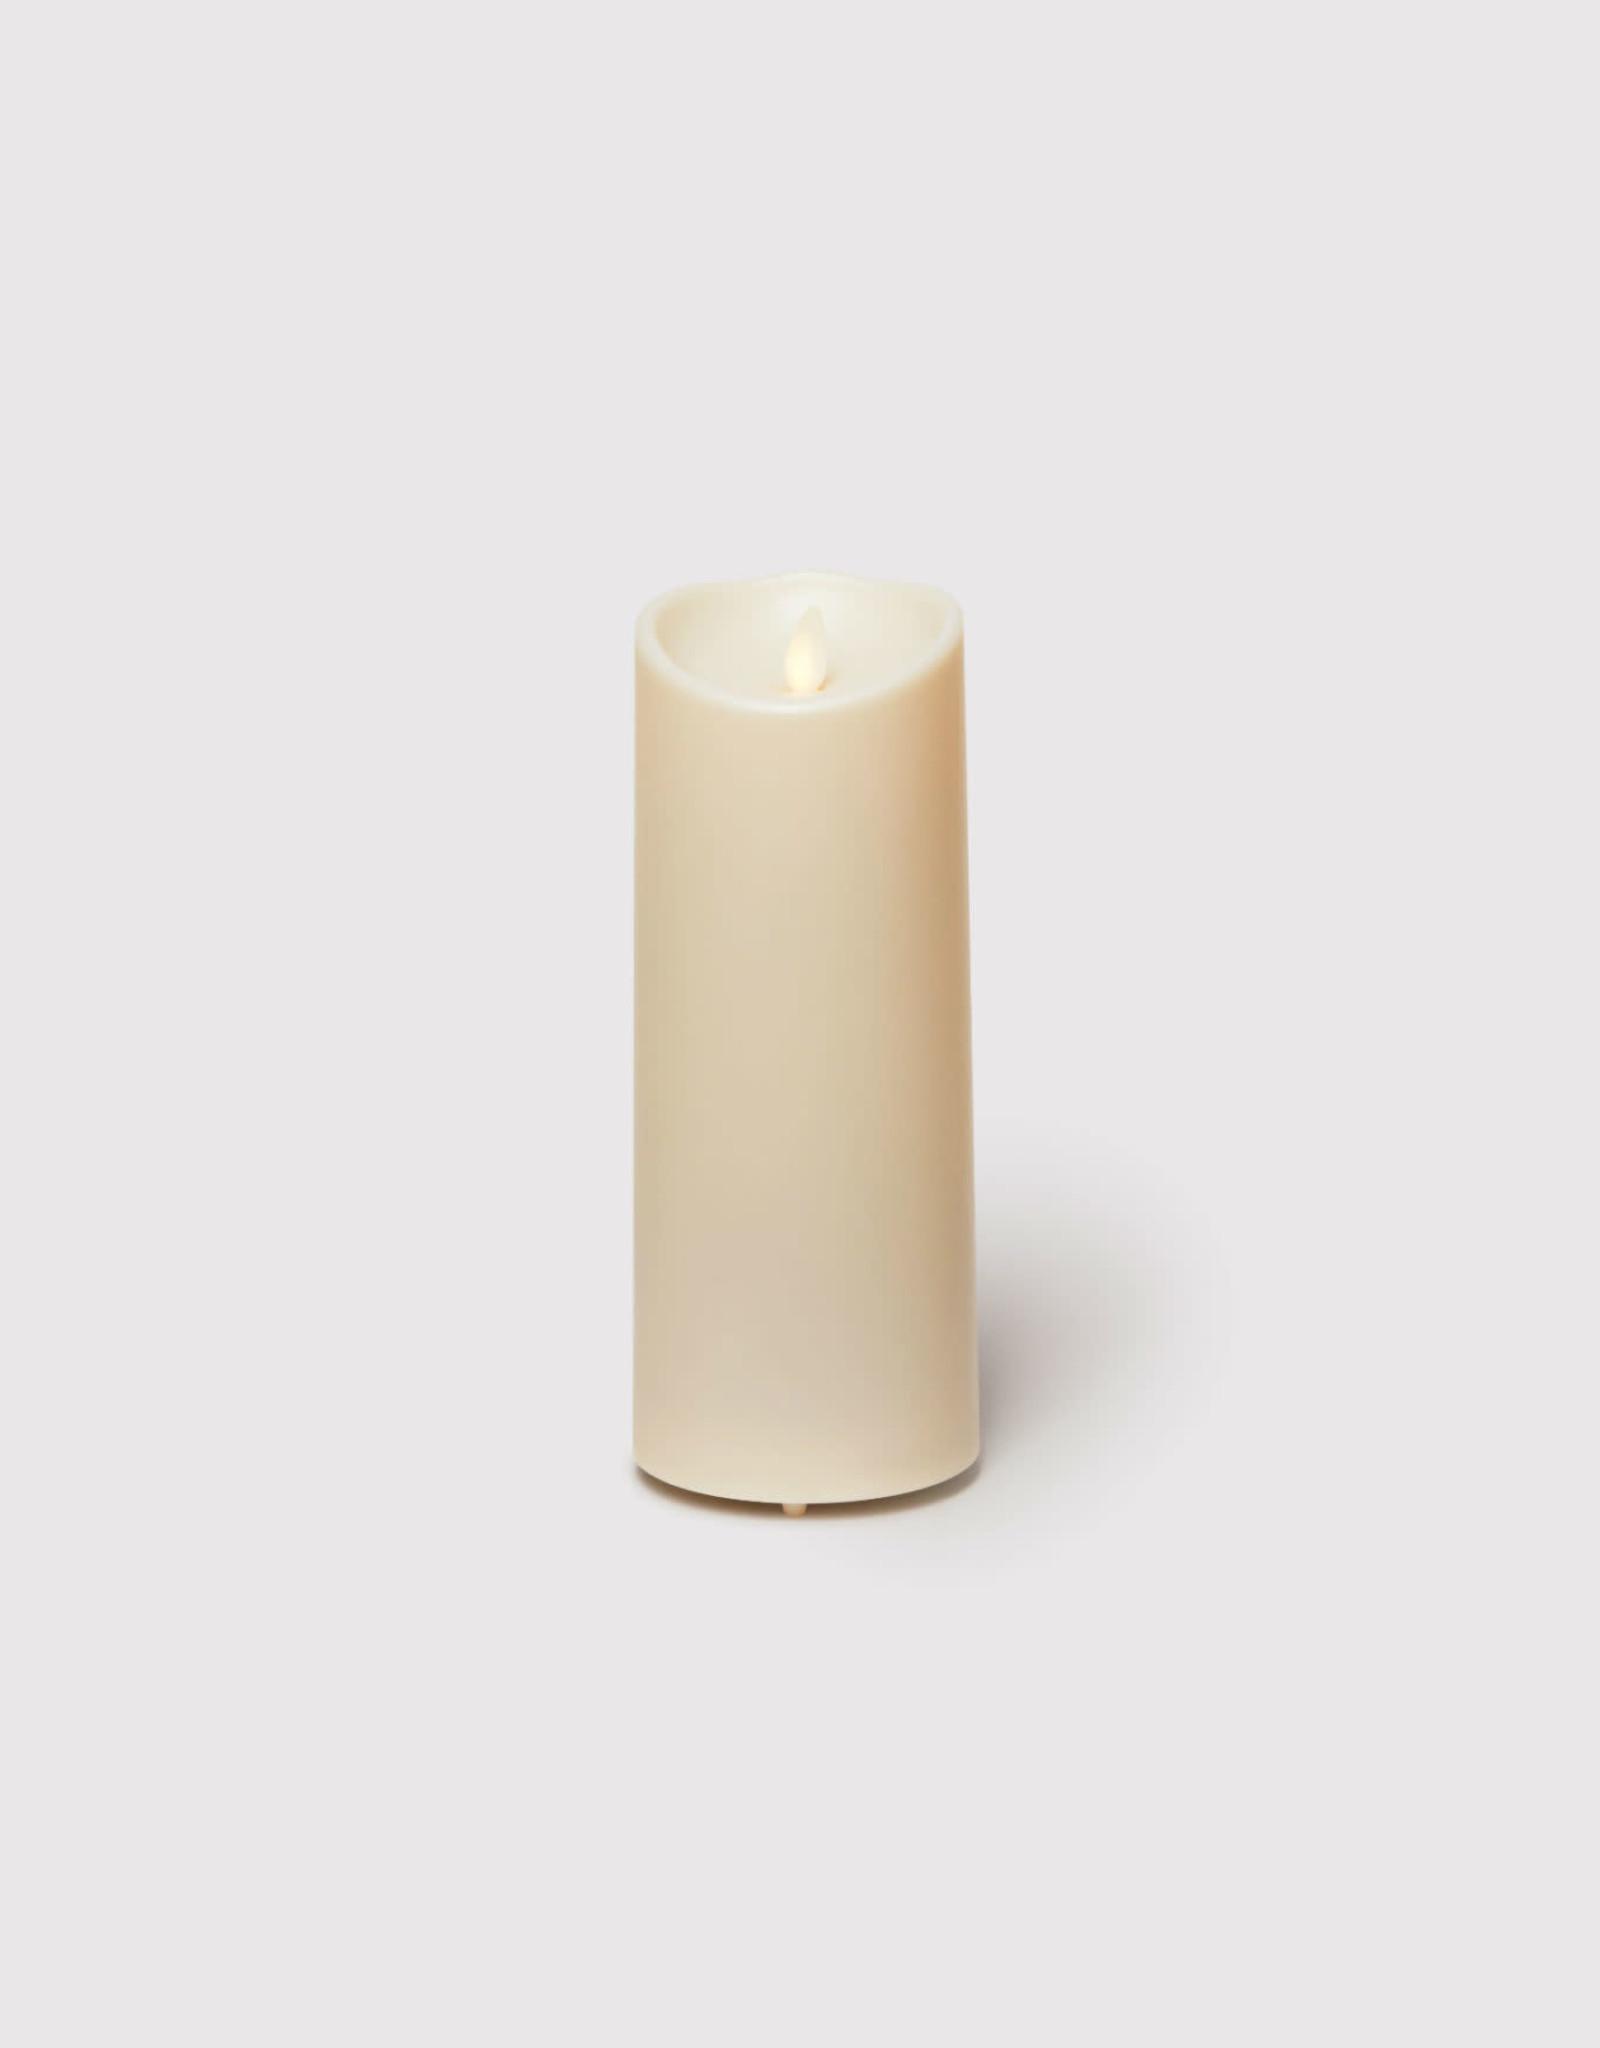 Bougie LED flamme oscillante en cire Ivoire  9X23